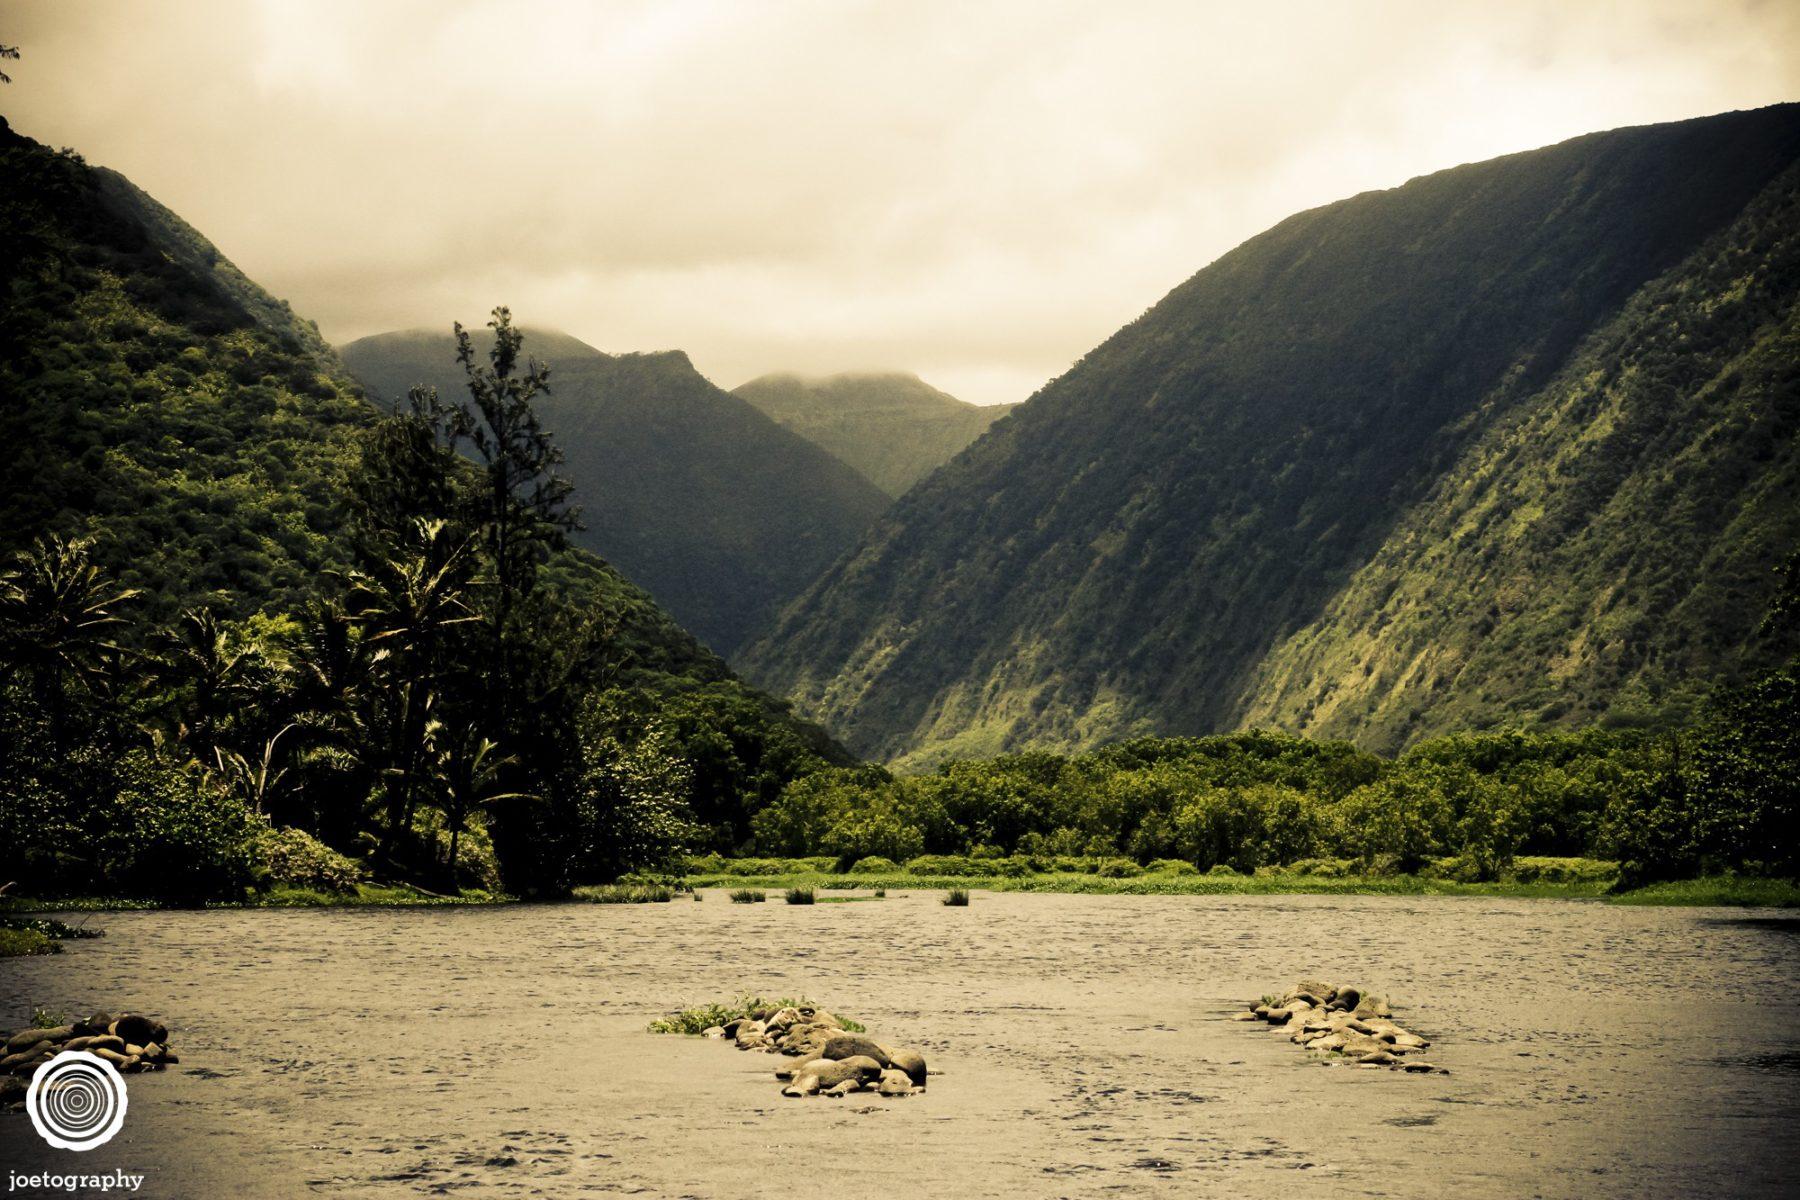 Hawaii-Big-Island-Travel-Photography-2011-19